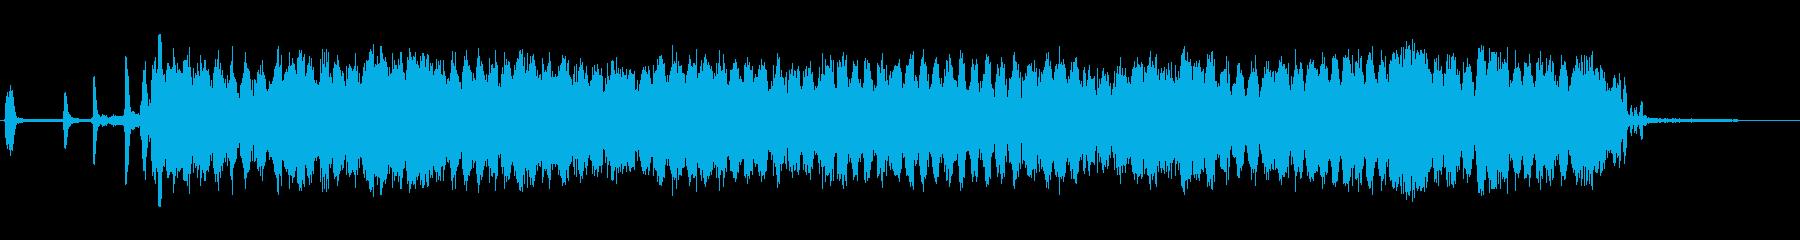 ディーゼルパスホーン-ディーゼルト...の再生済みの波形